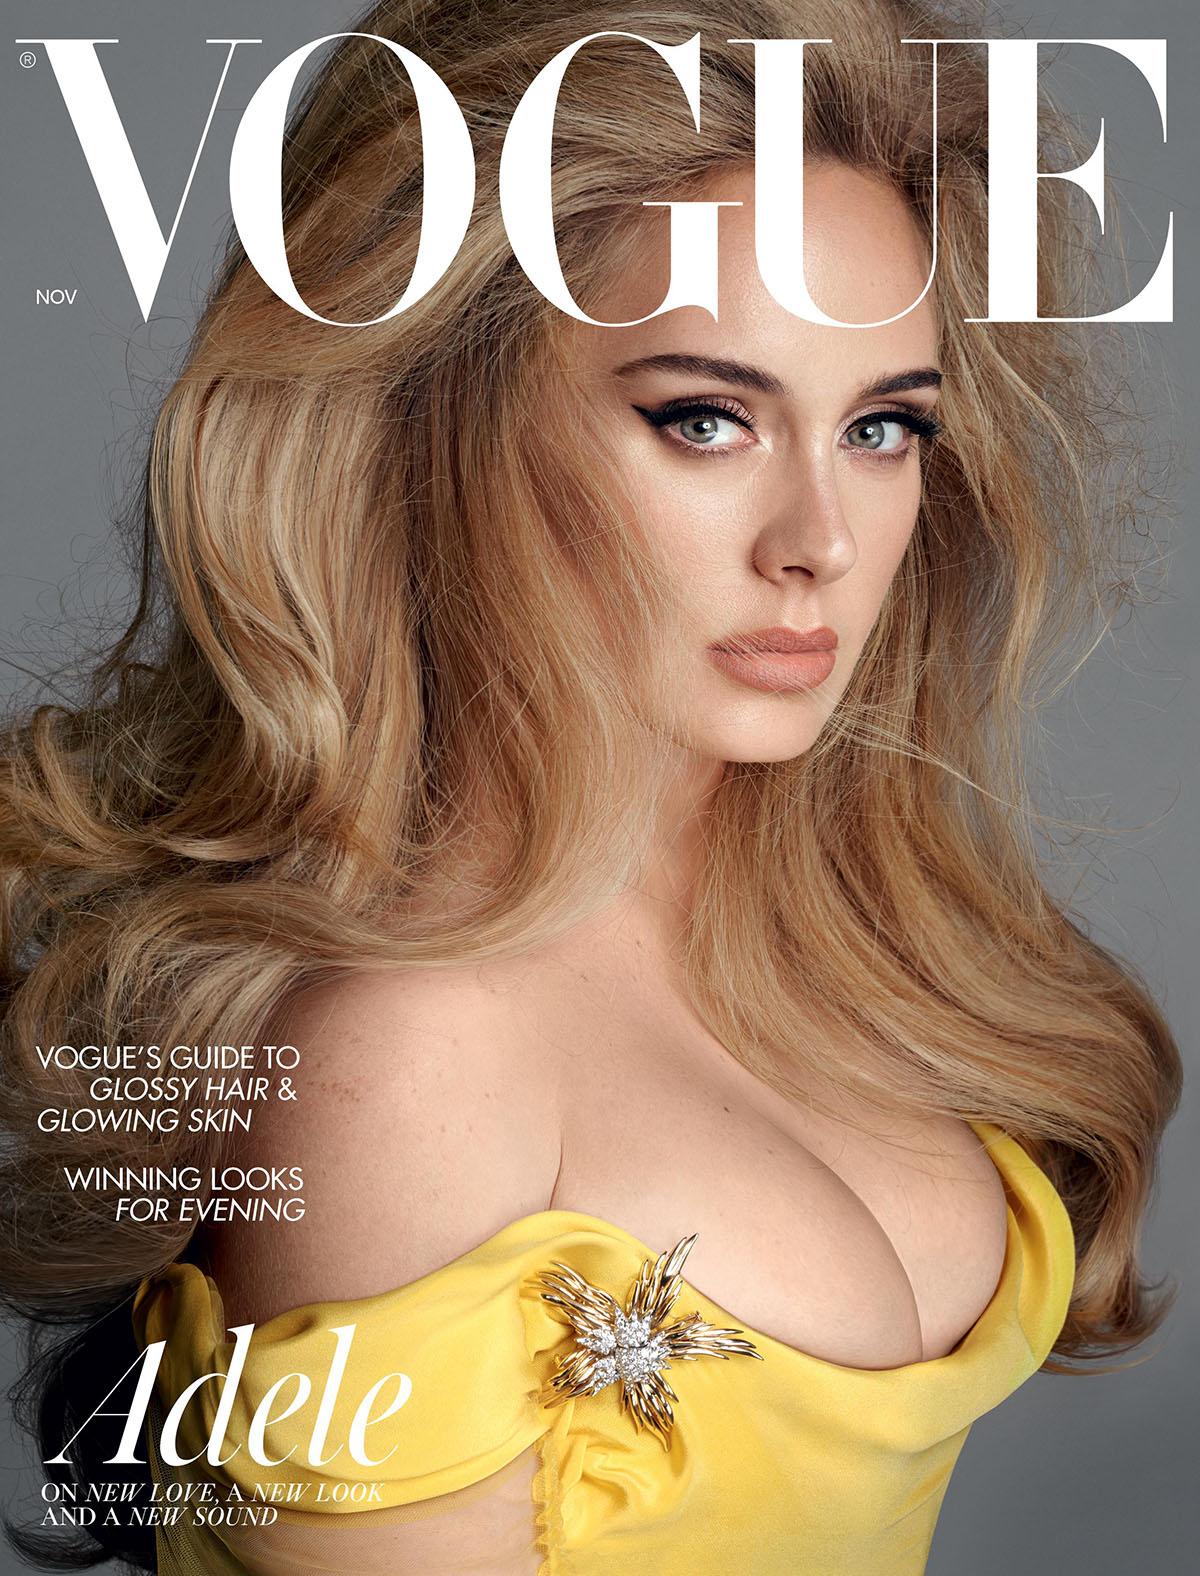 Adele mặc đầm Vivienne Westwood Haute Couture thiết kế riêng, đeo trang sức Tiffany & Co. trên bìa Vogue Anh số tháng 11.